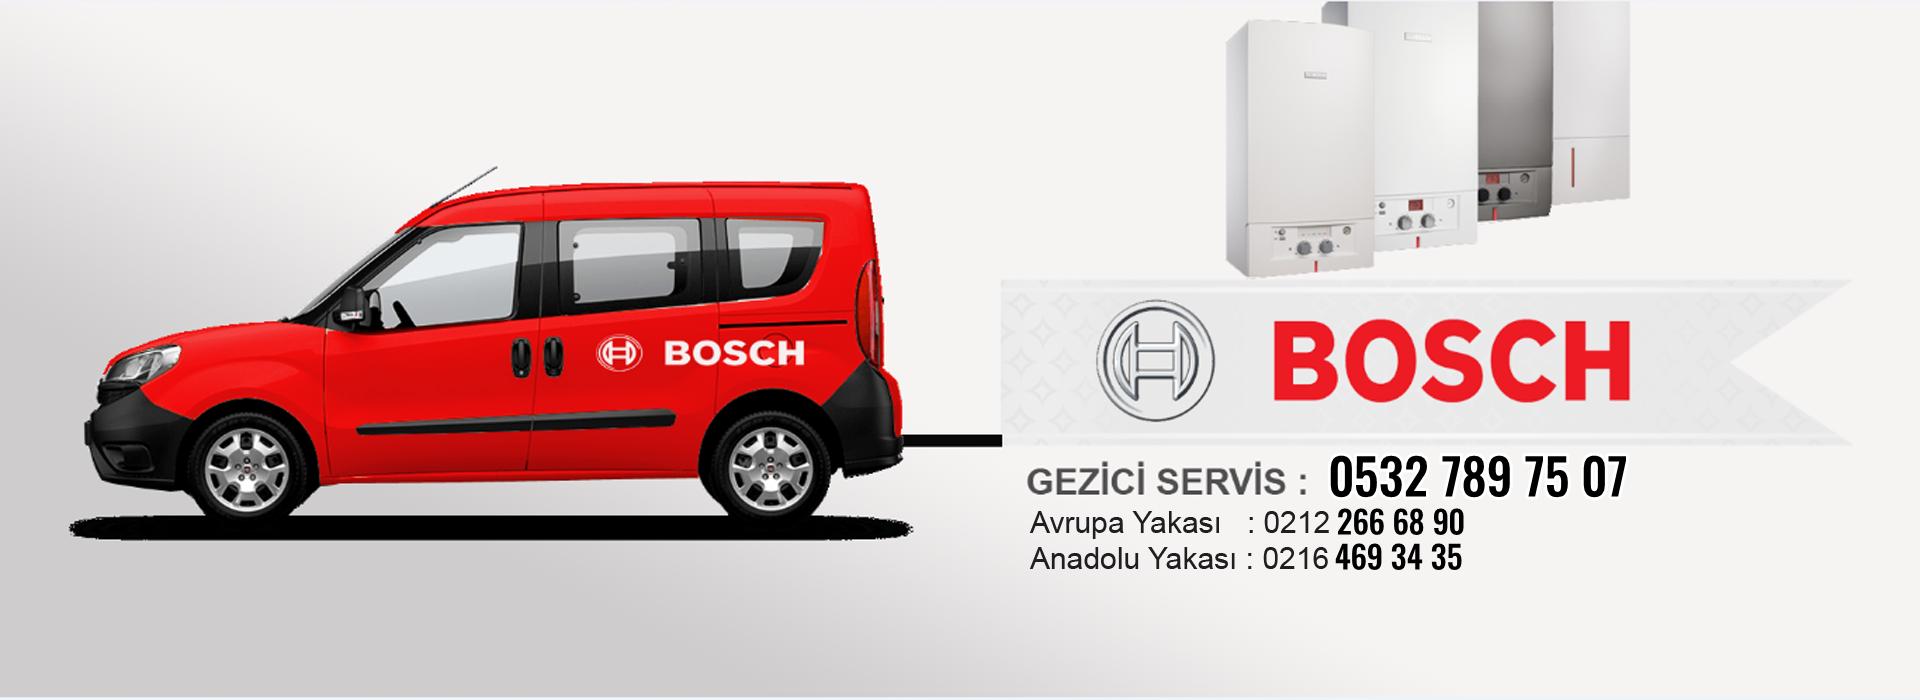 Sarıyer Bosch Servisi